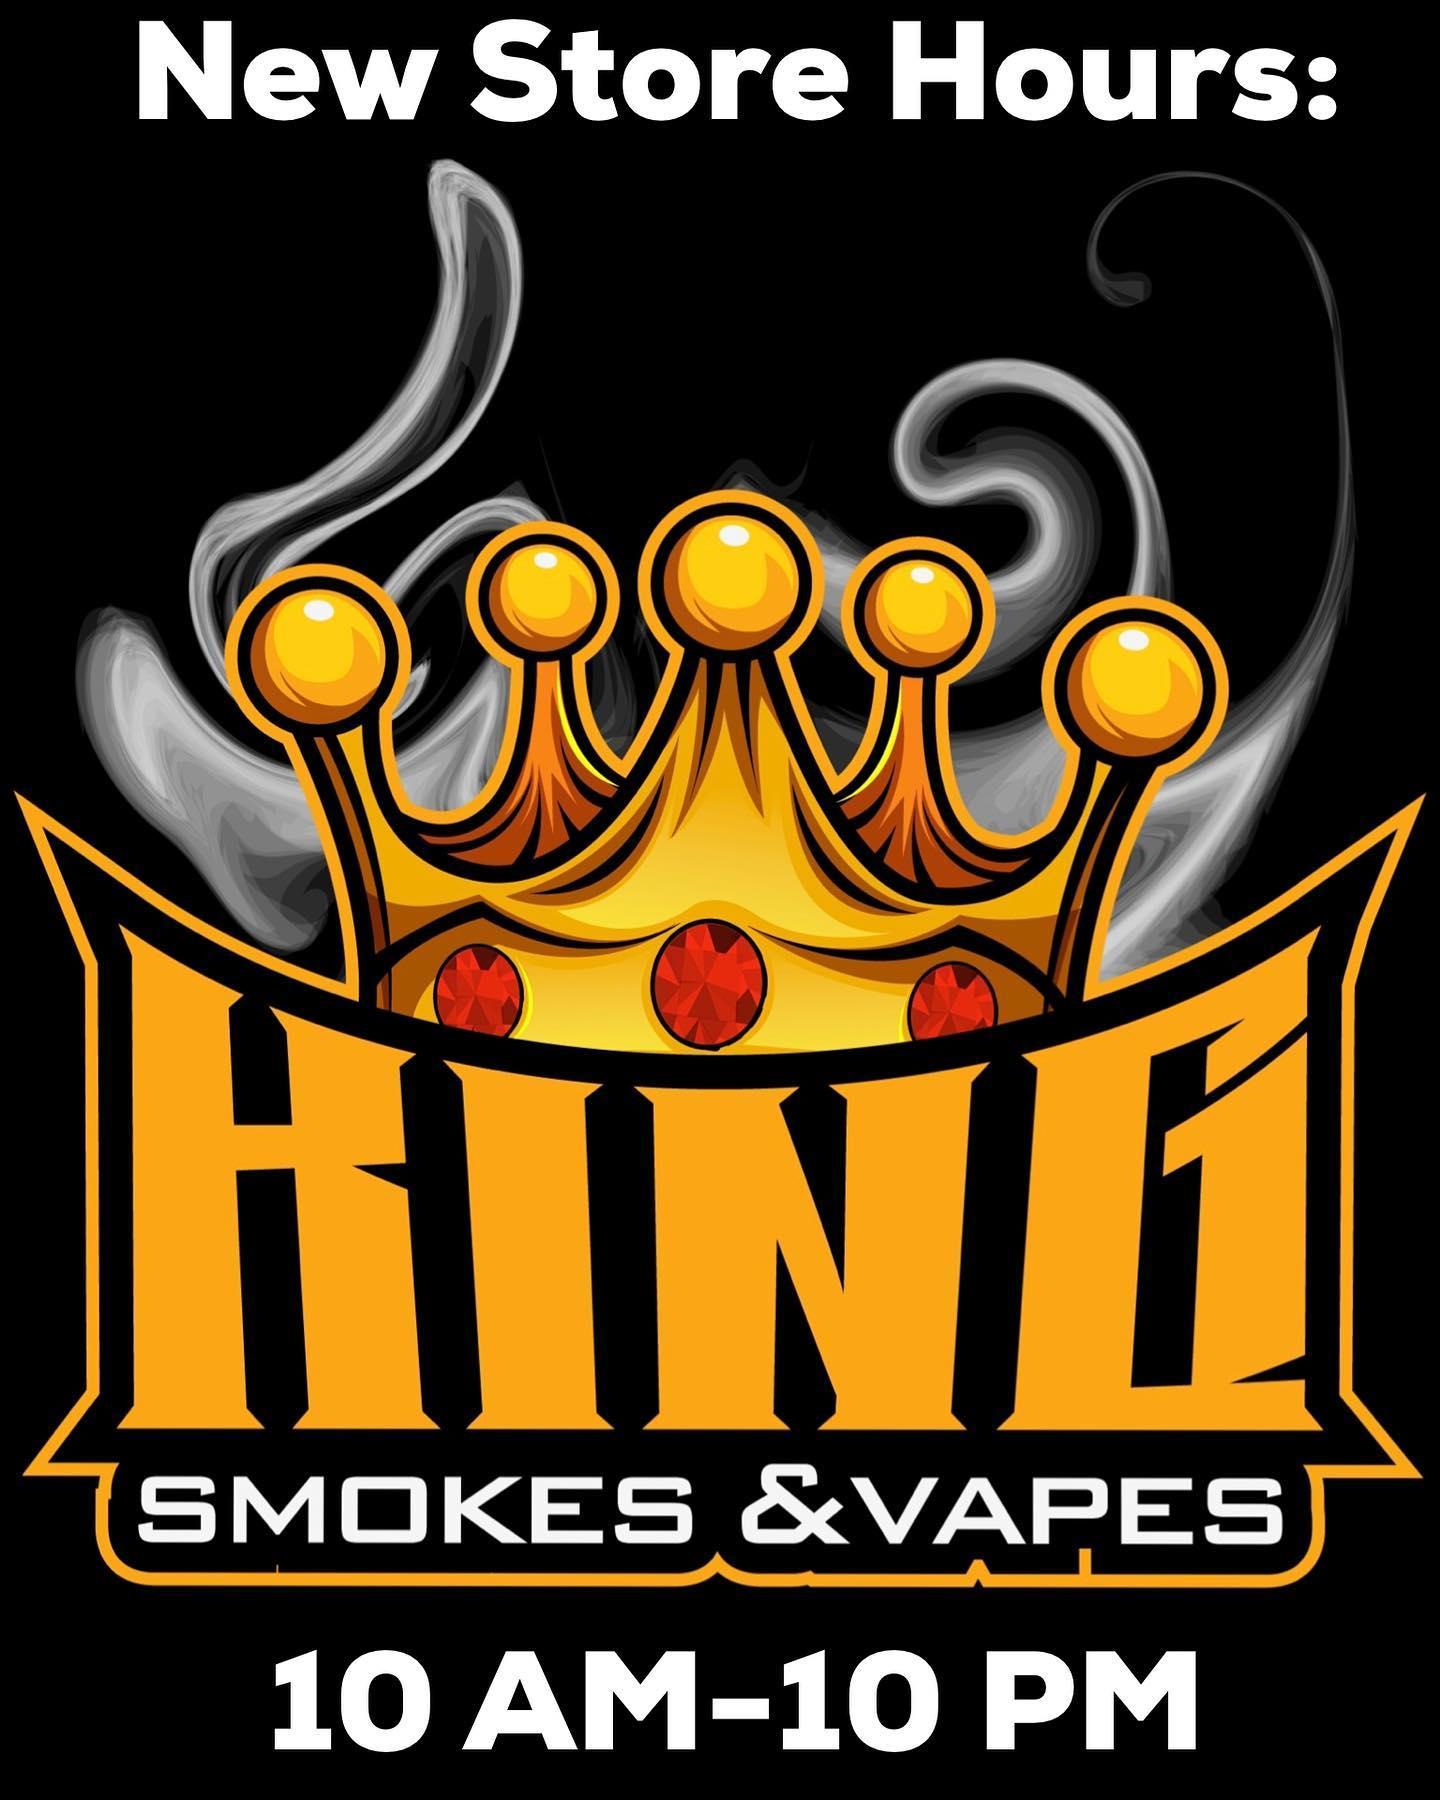 King Smokes and Vapes Logo